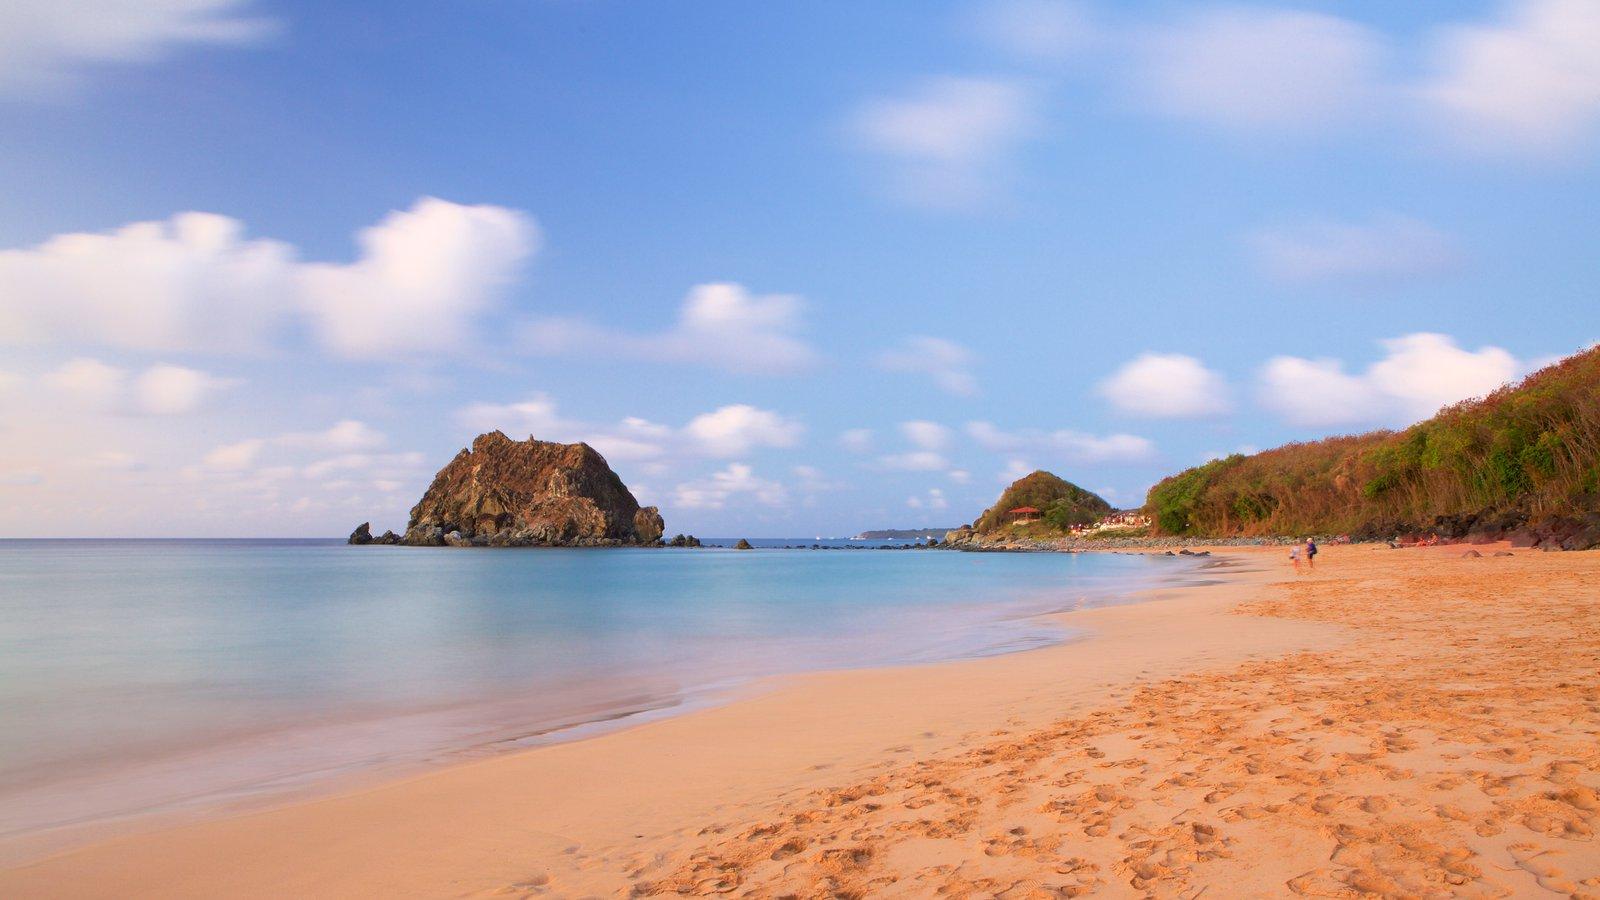 Praia da Conceição mostrando uma praia e paisagens litorâneas